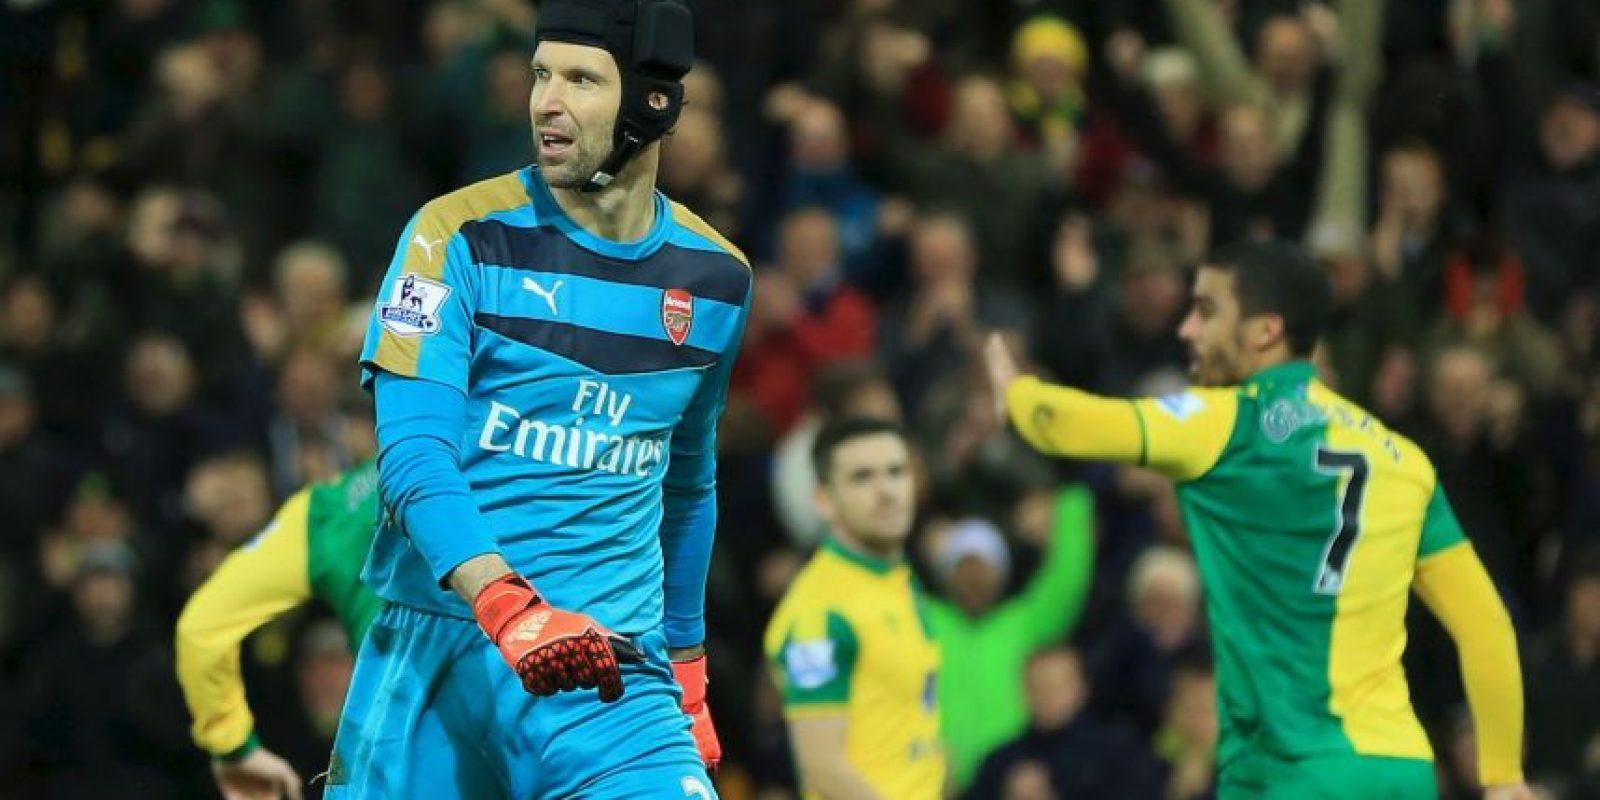 Se trata de Petr Cech Foto:Getty Images